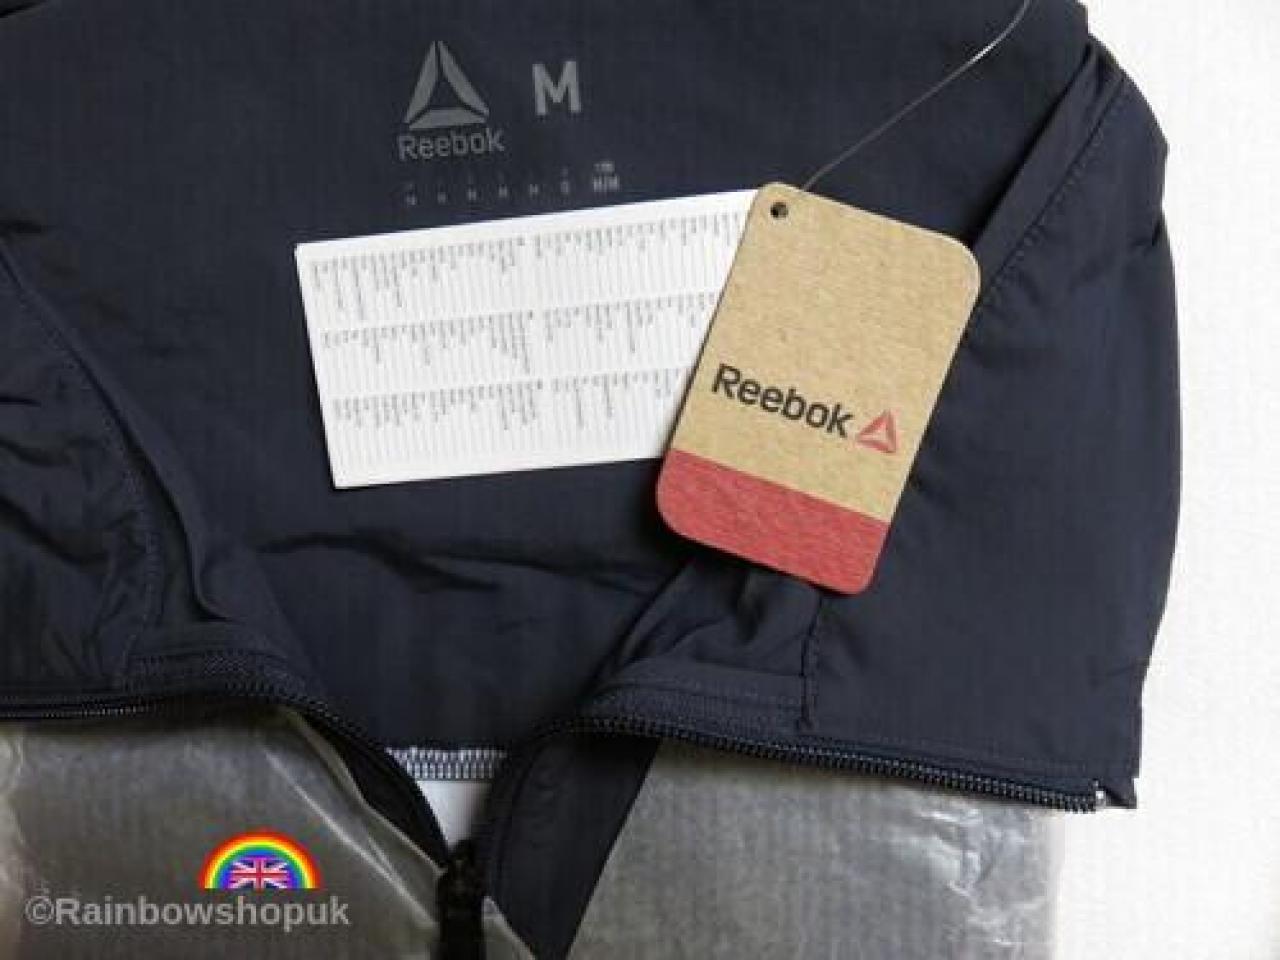 продам спортивную куртку Reebok,все размеры - 4